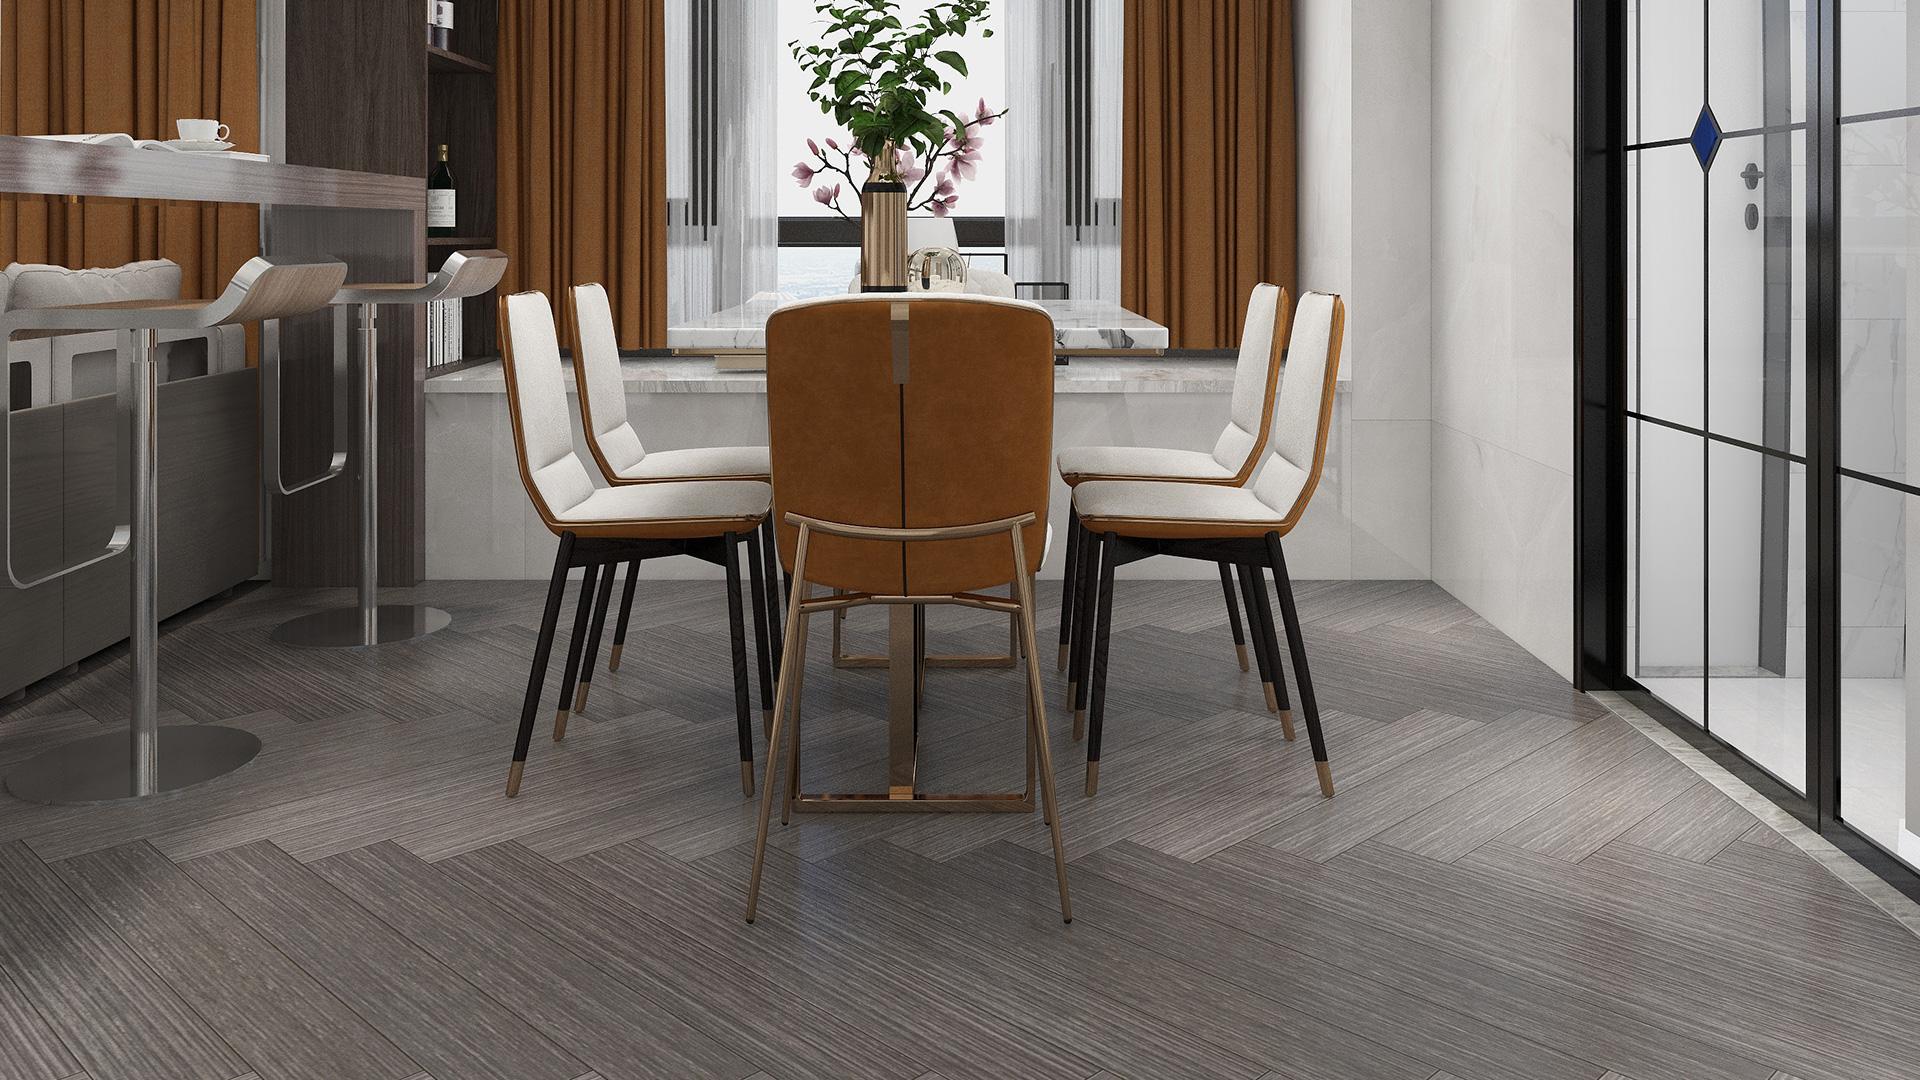 比利时PAR-KY高科技实木复合地板,银灰桦木拼花